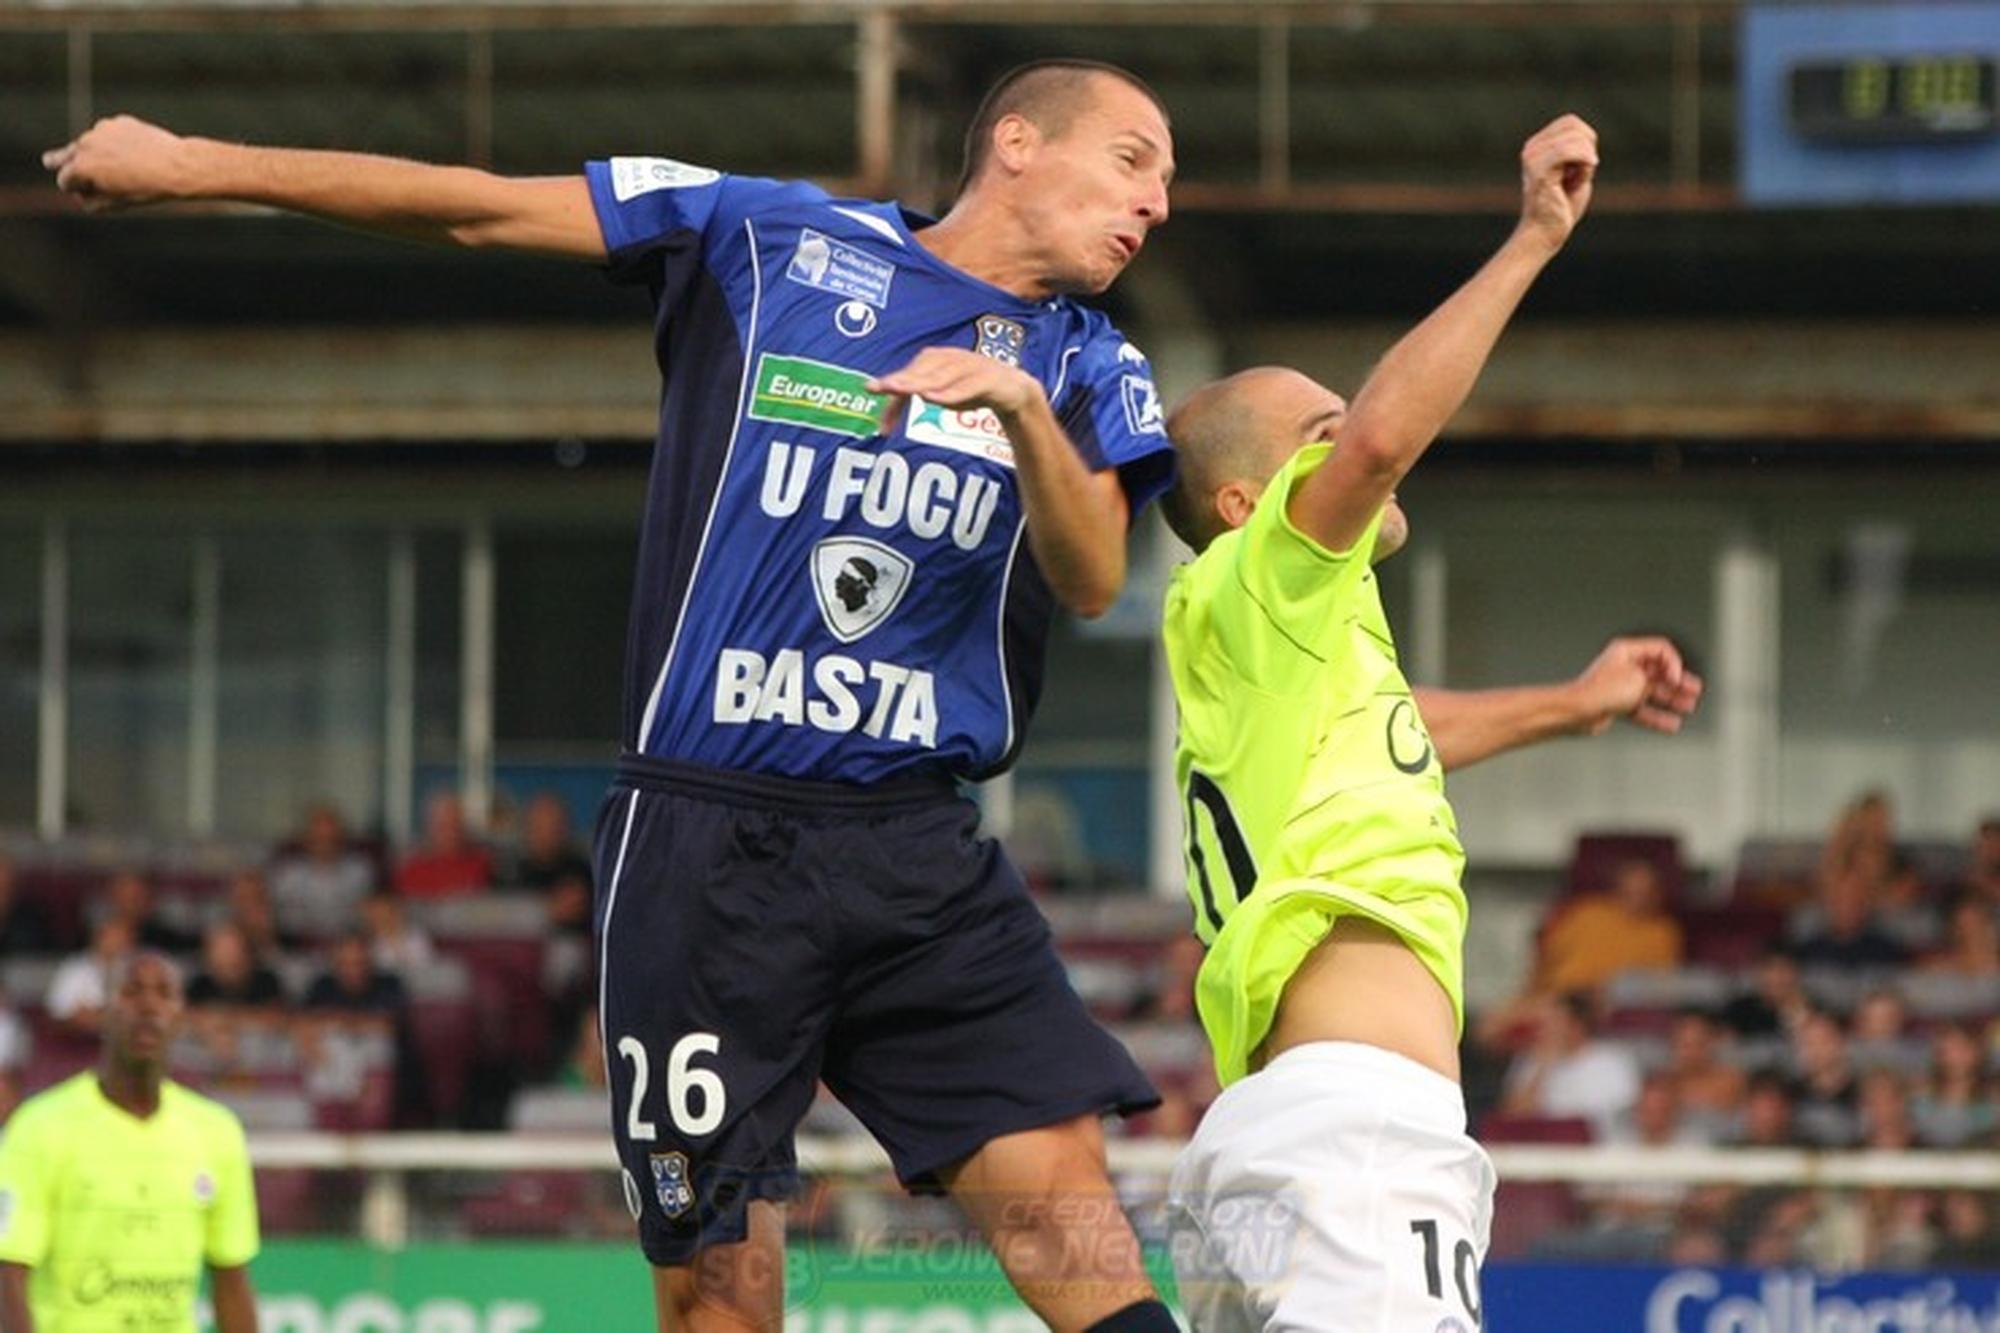 Bastia-Caen (Ligue 2)